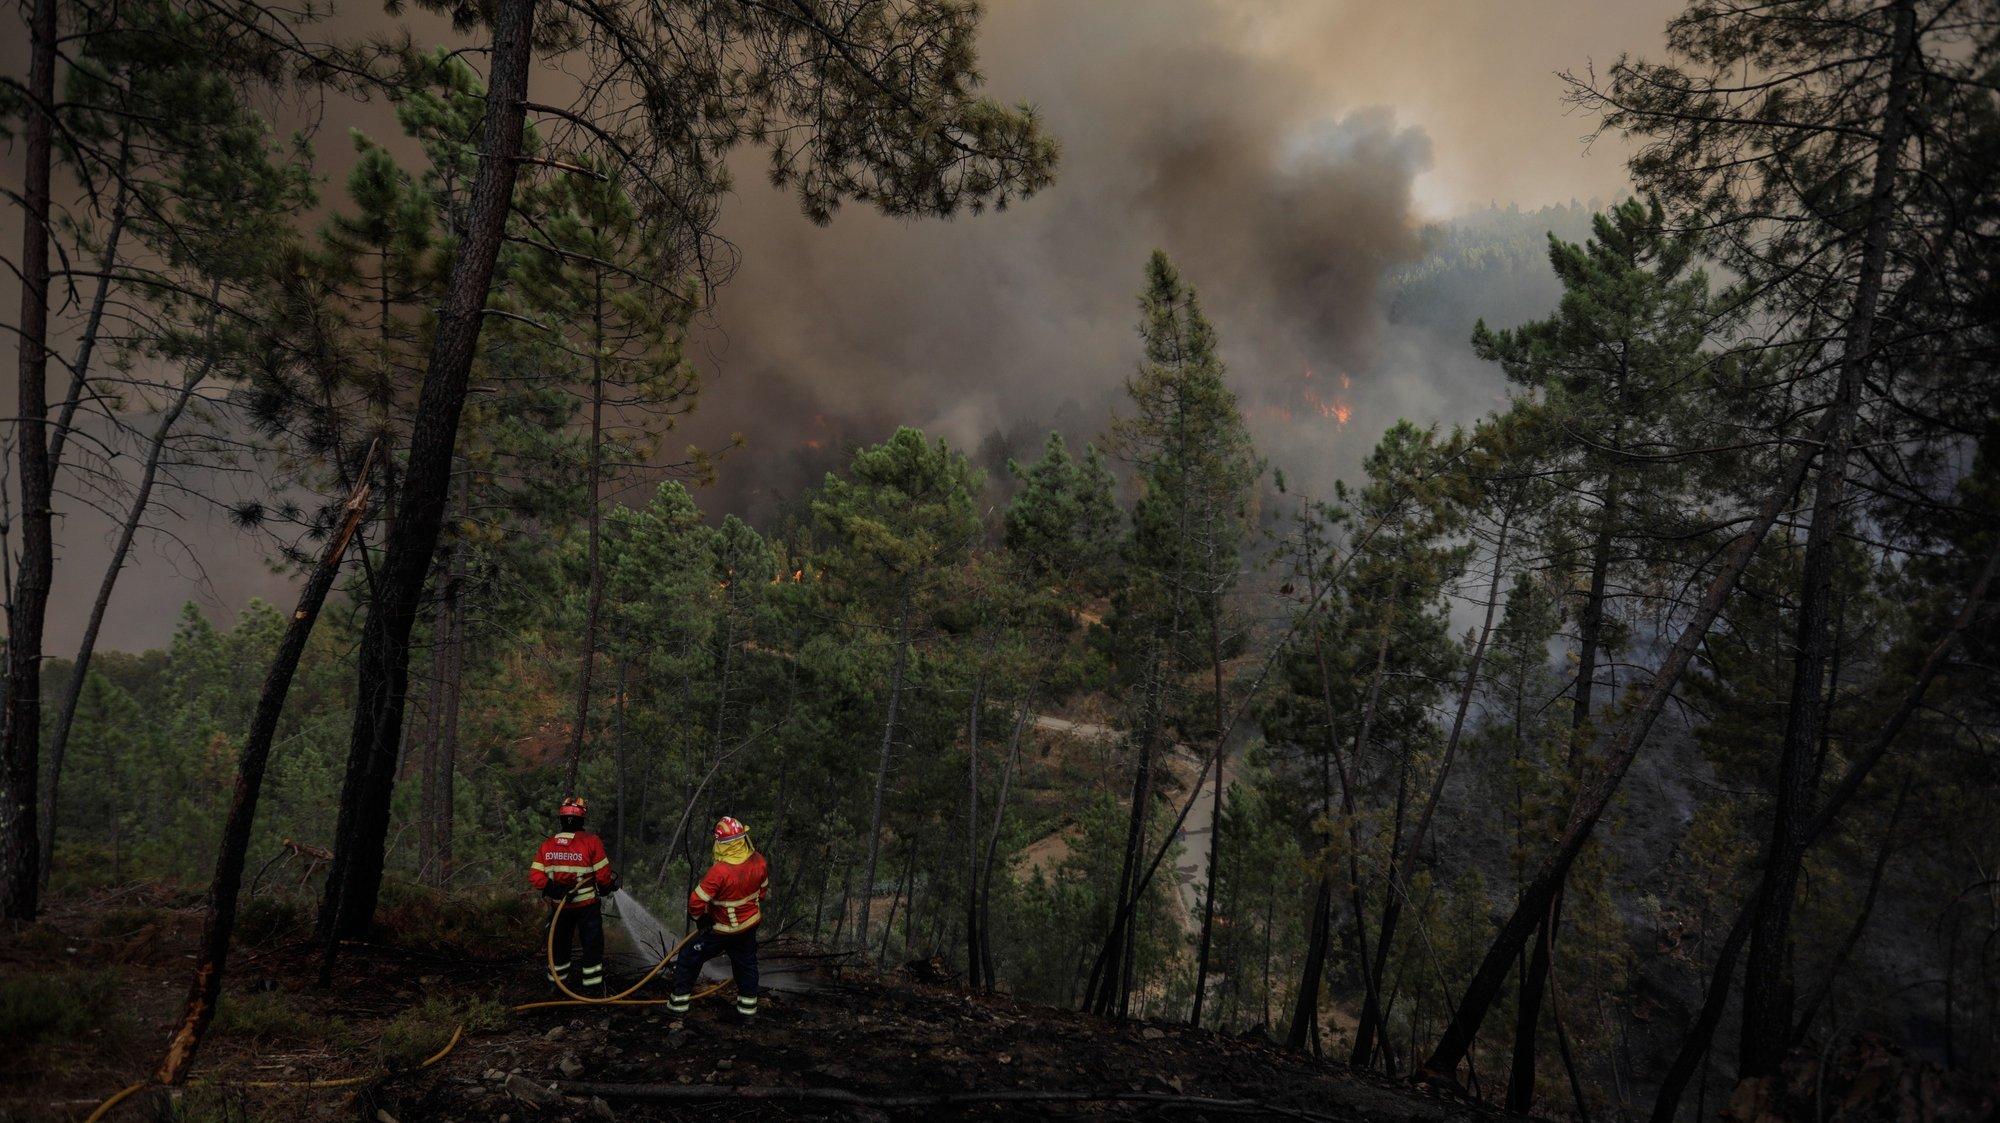 Bombeiros durante o combate a um incêndio que lavra em Oleiros, Castelo Branco, 14 de setembro de 2020. O incêndio que deflagrou em Proença-a-Nova no domingo e que lavra hoje com intensidade em Oleiros já está próximo do Rio Zêzere, afirmou hoje o presidente da Câmara. Segundo a Autoridade Nacional de Emergência e Proteção Civil estão neste momento a combater o incêndio 1041 operacionais no terreno, apoiados por 343 veículos e oito meios aéreos. PAULO CUNHA /LUSA